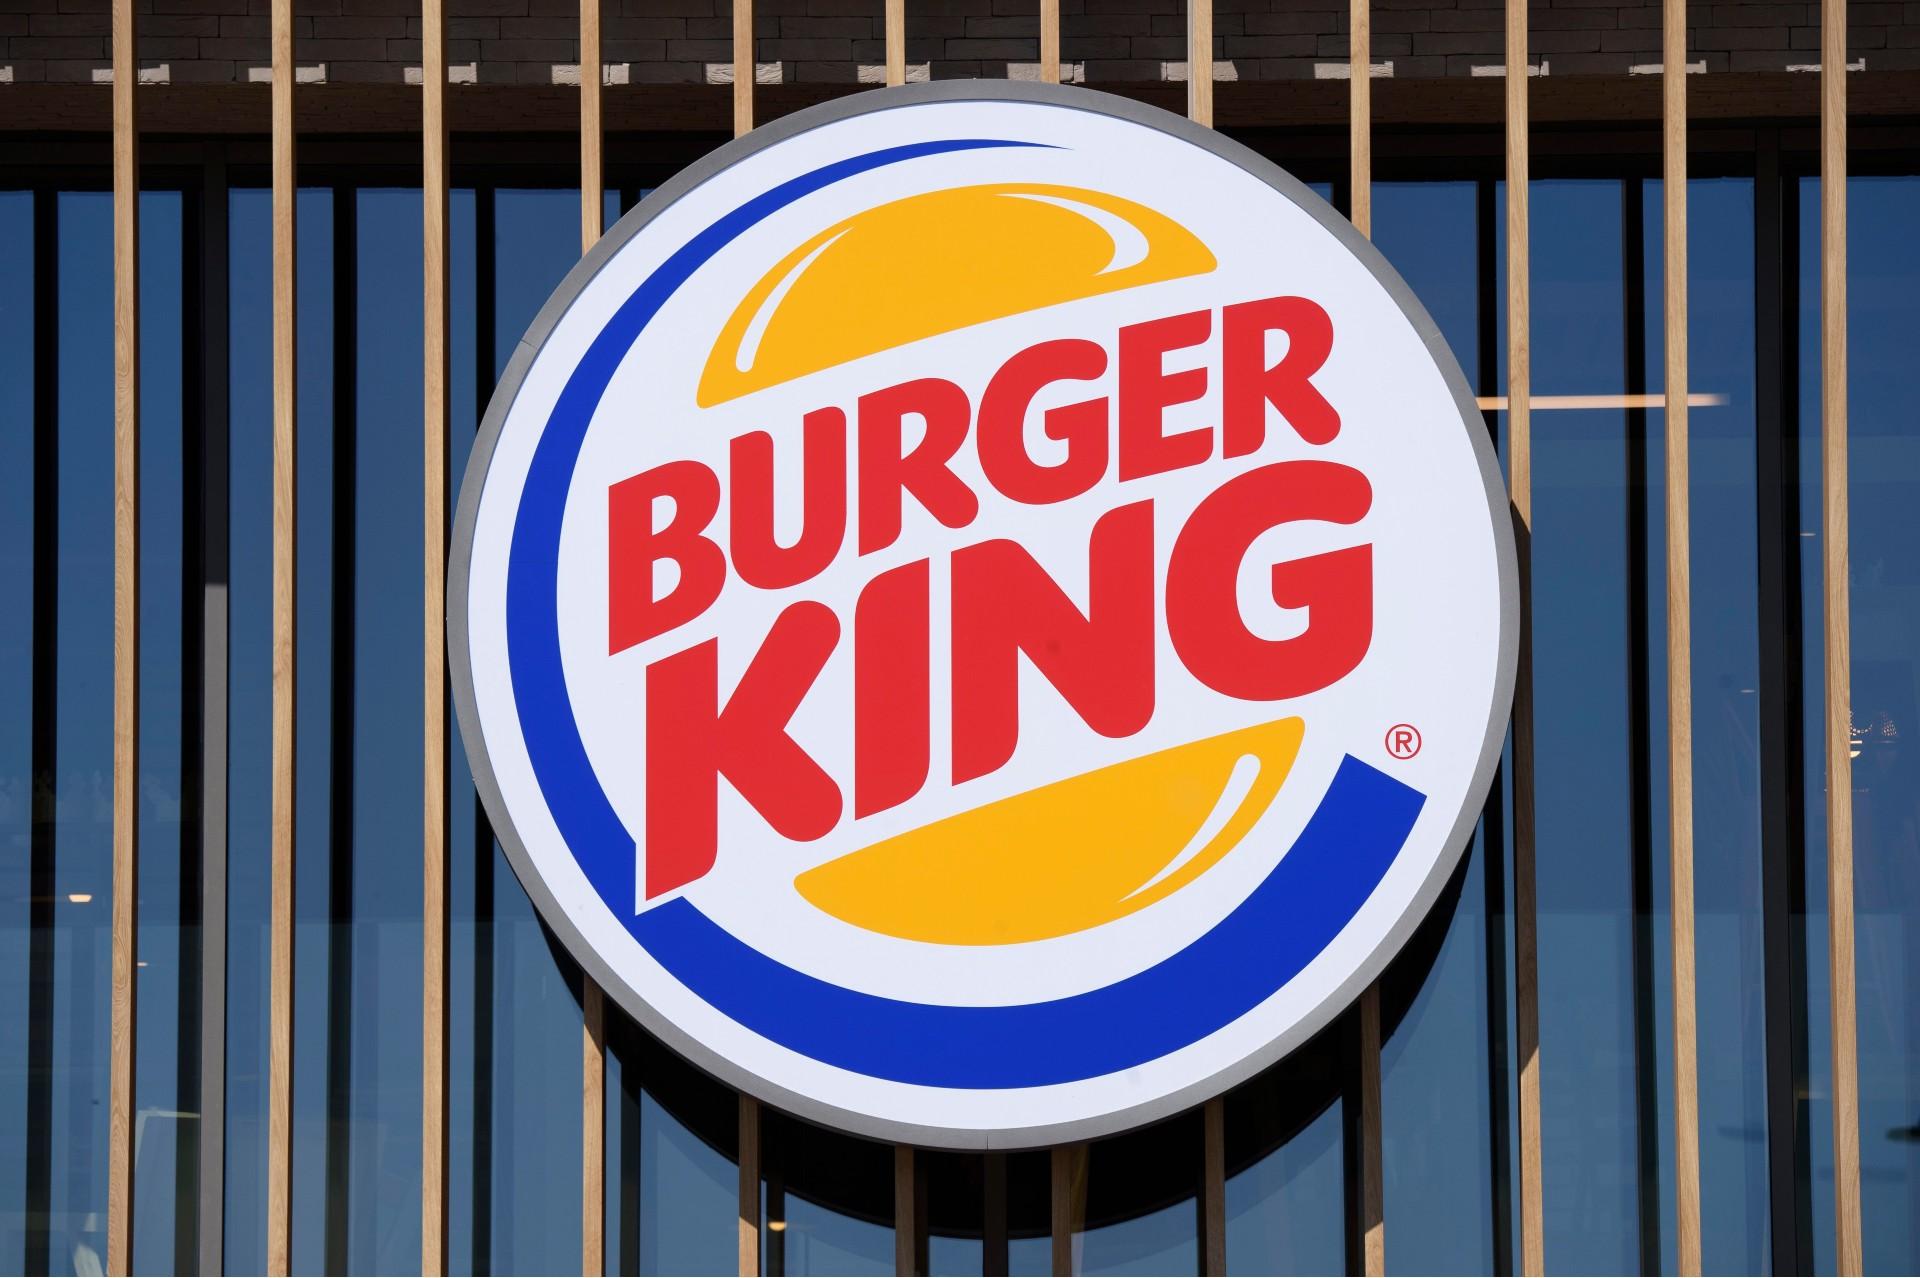 Polski Burger King zachęca dozamawiania jedzenia zMcDonald's